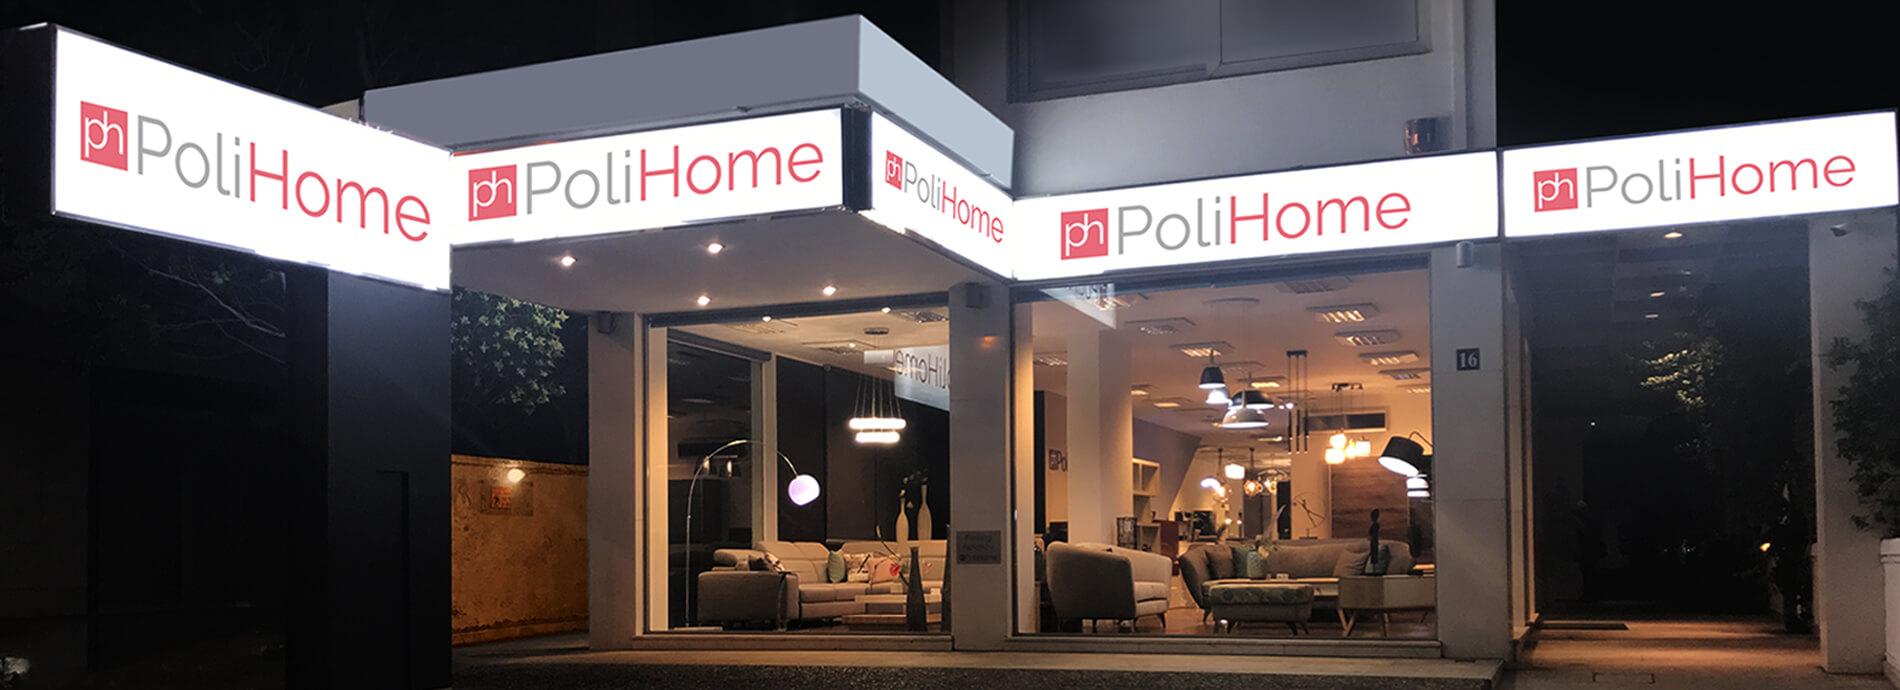 Στα καταστήματα του Polihome παρουσιάζονται καναπέδες, σαλόνια και τραπεζαρίες | YouBeHero